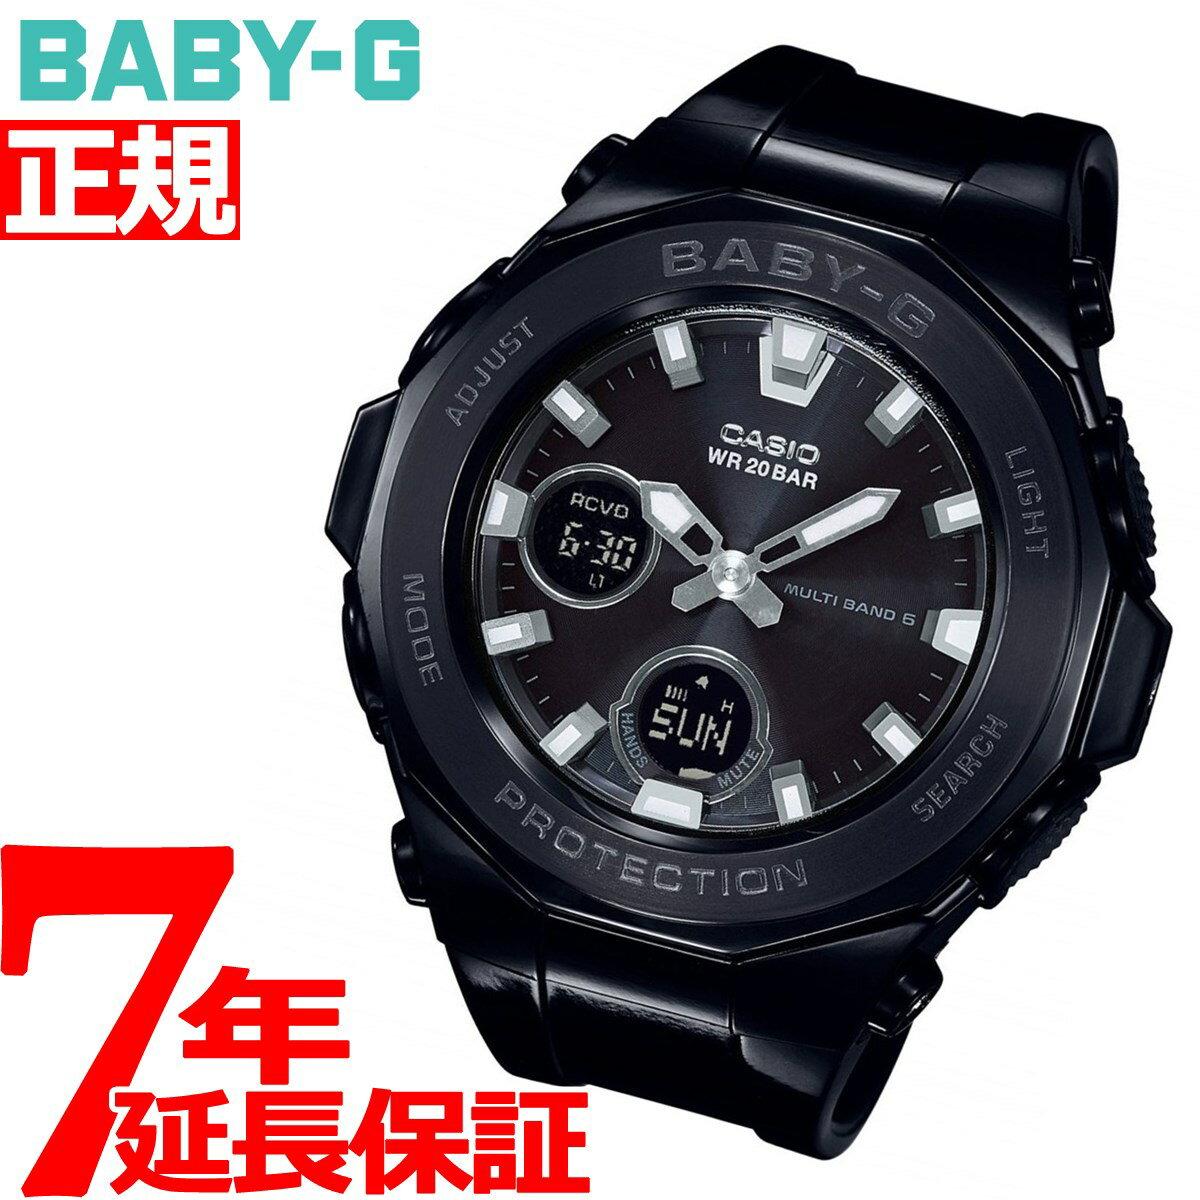 カシオ ベビーG CASIO BABY-G Beach Glamping Series 電波 ソーラー 電波時計 腕時計 レディース BGA-2250G-1AJF【2017 新作】